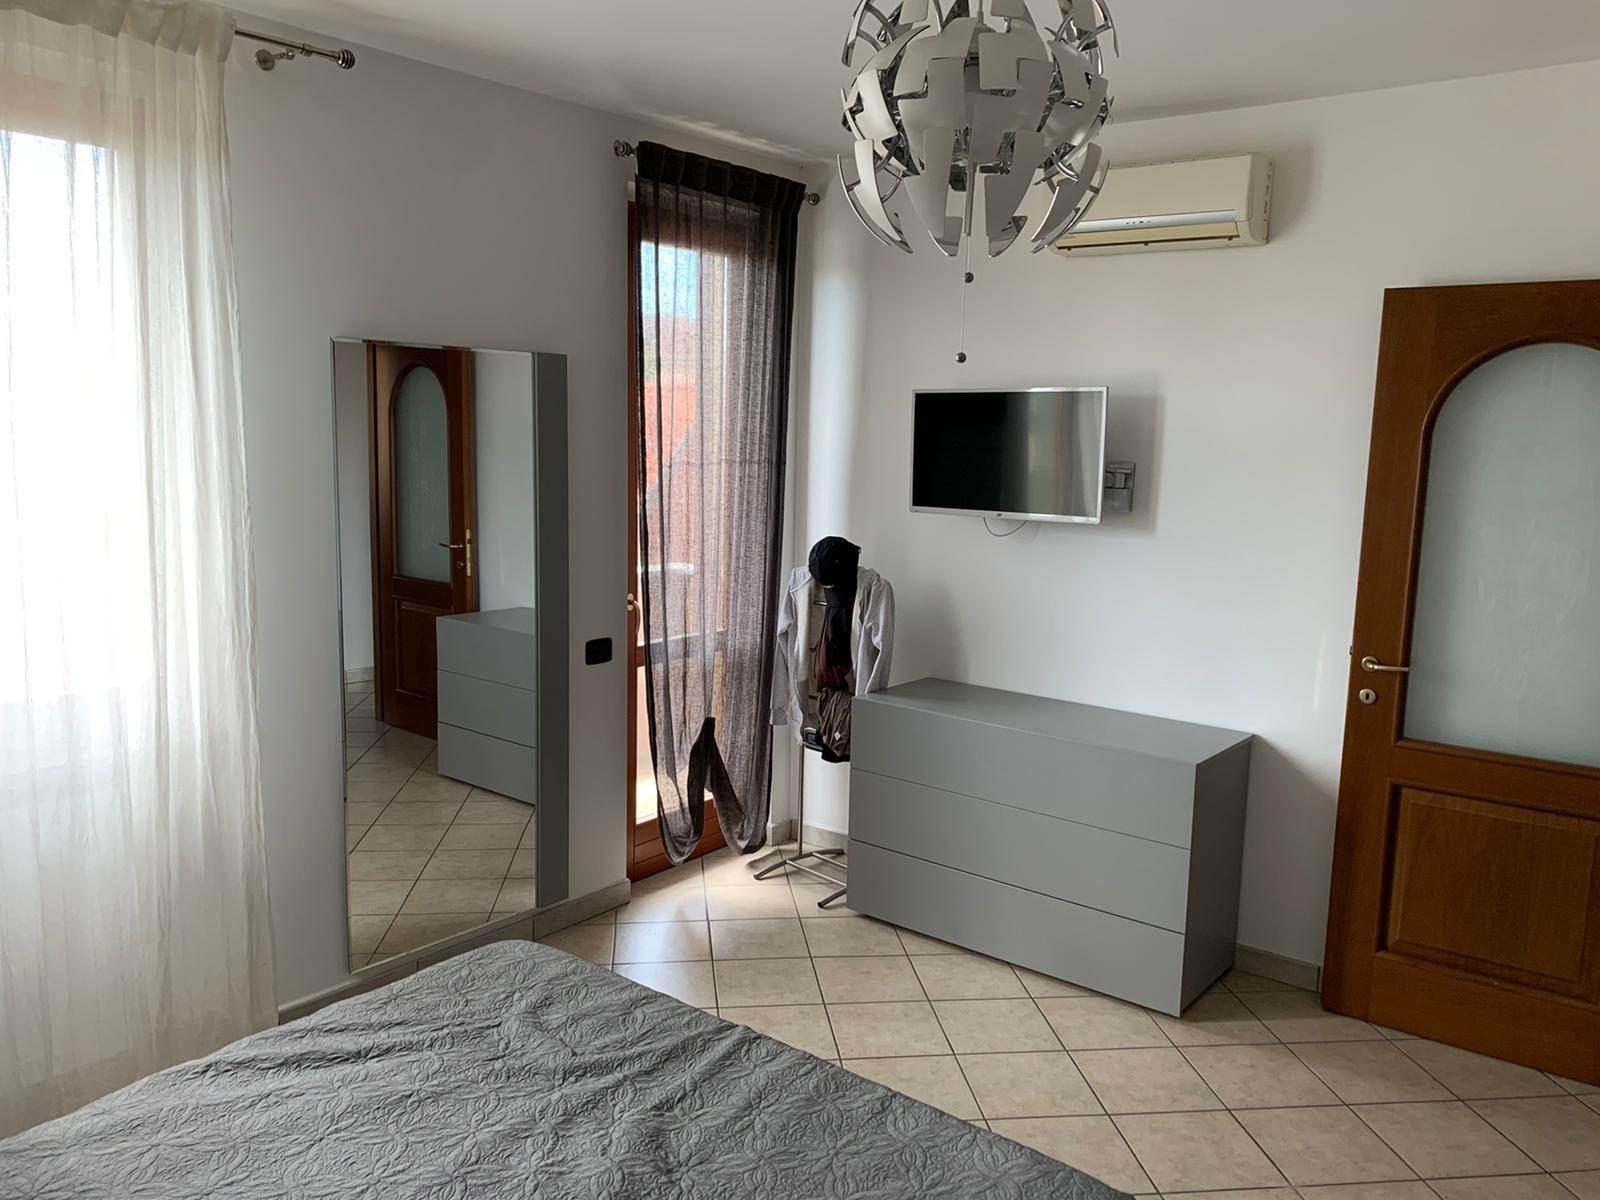 appartamento-in-vendita-3-locali-san-senone-al-lambro-trilocale-spaziourbano-immobiliare-vende-13